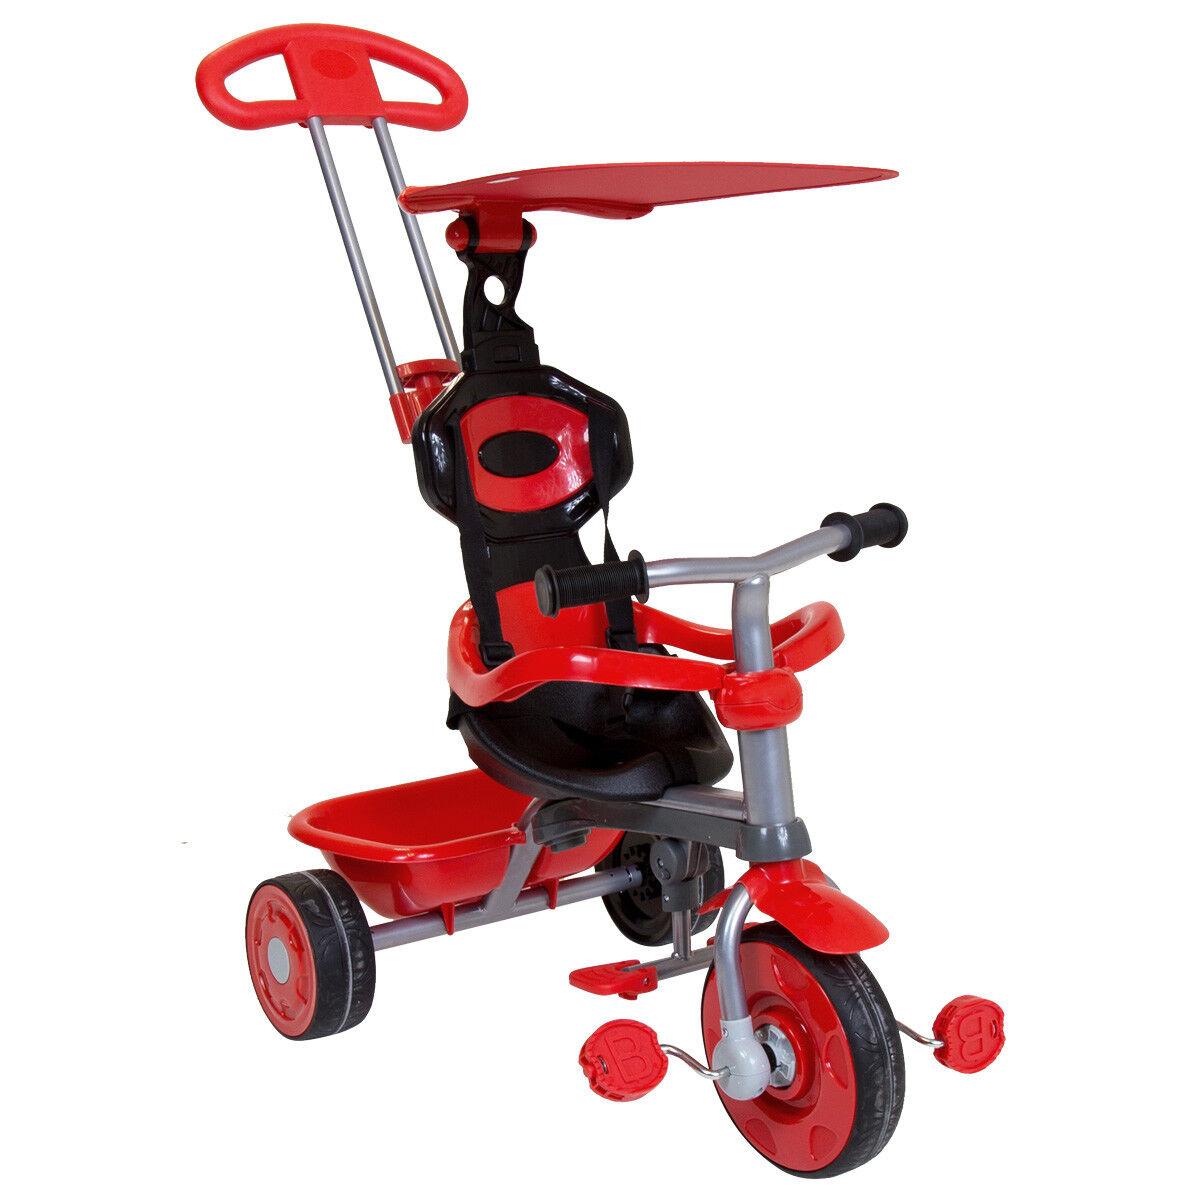 Kinder Dreirad 3 in 1 - mit Sonnendach & Schubstange - Rot